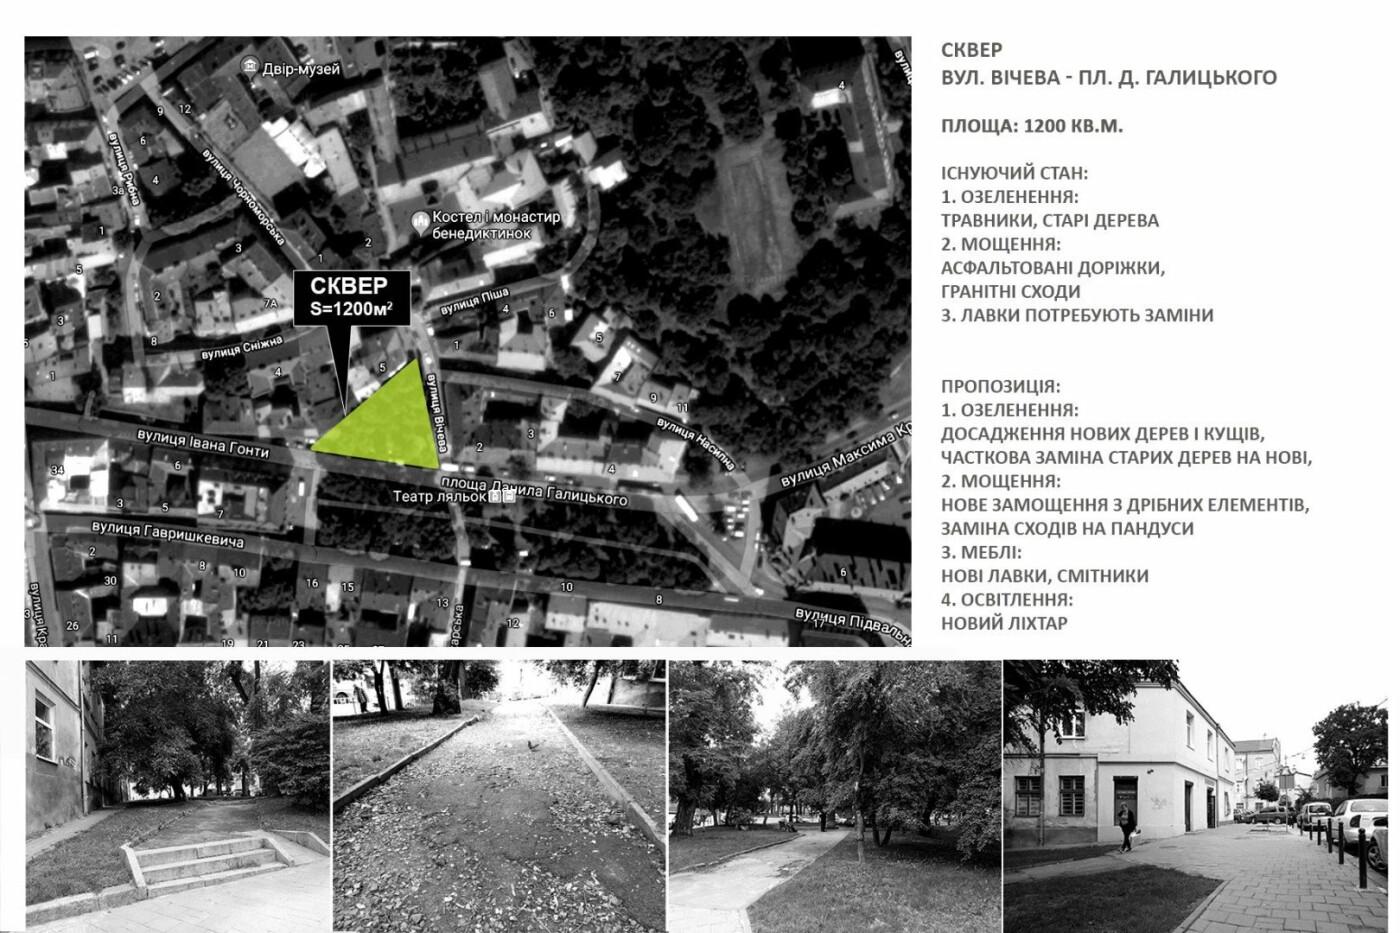 Міжшкільна обсерваторія, ляльковий сквер і пригодницьке містечко: 7 проектів, які хочуть реалізувати  у Галицькому районі, фото-8